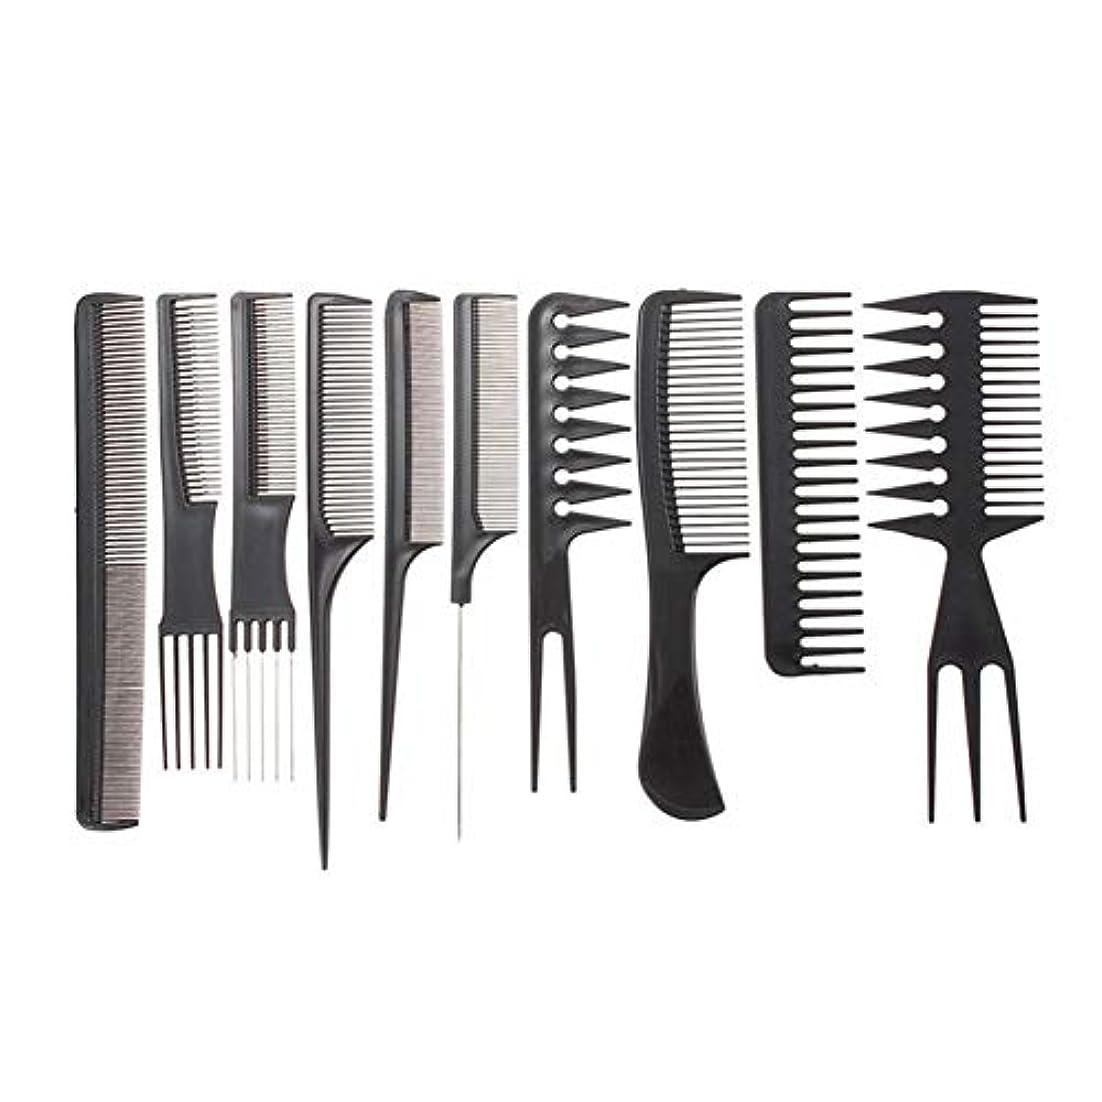 植木誤解を招く惨めな黒い髪のすべてのタイプのために設計された10看護プロのヘアスタイリストブラシコームヘアスタイリングツール